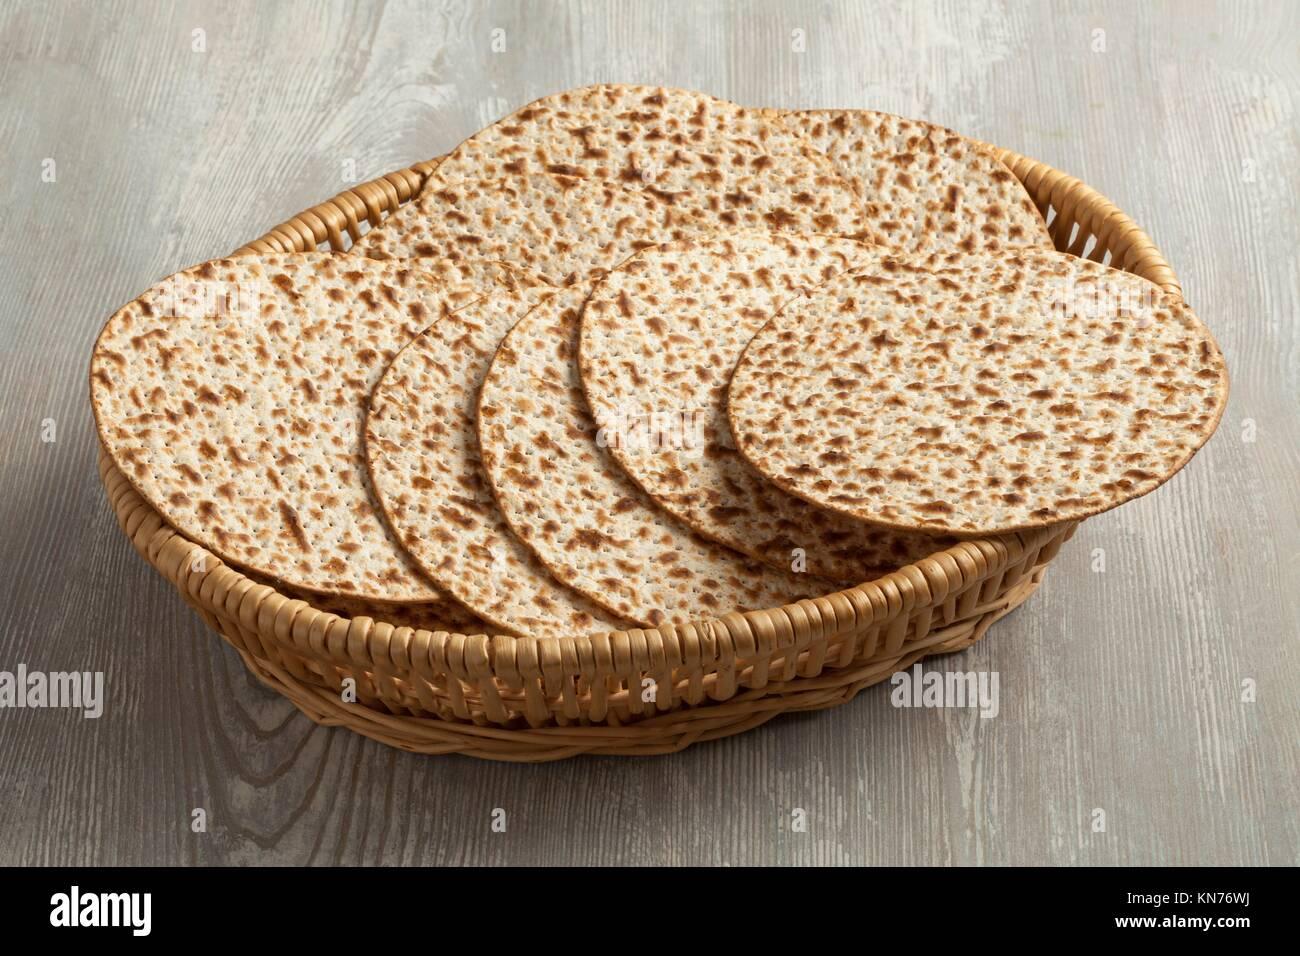 Basket with fresh wholewheat matzah. - Stock Image